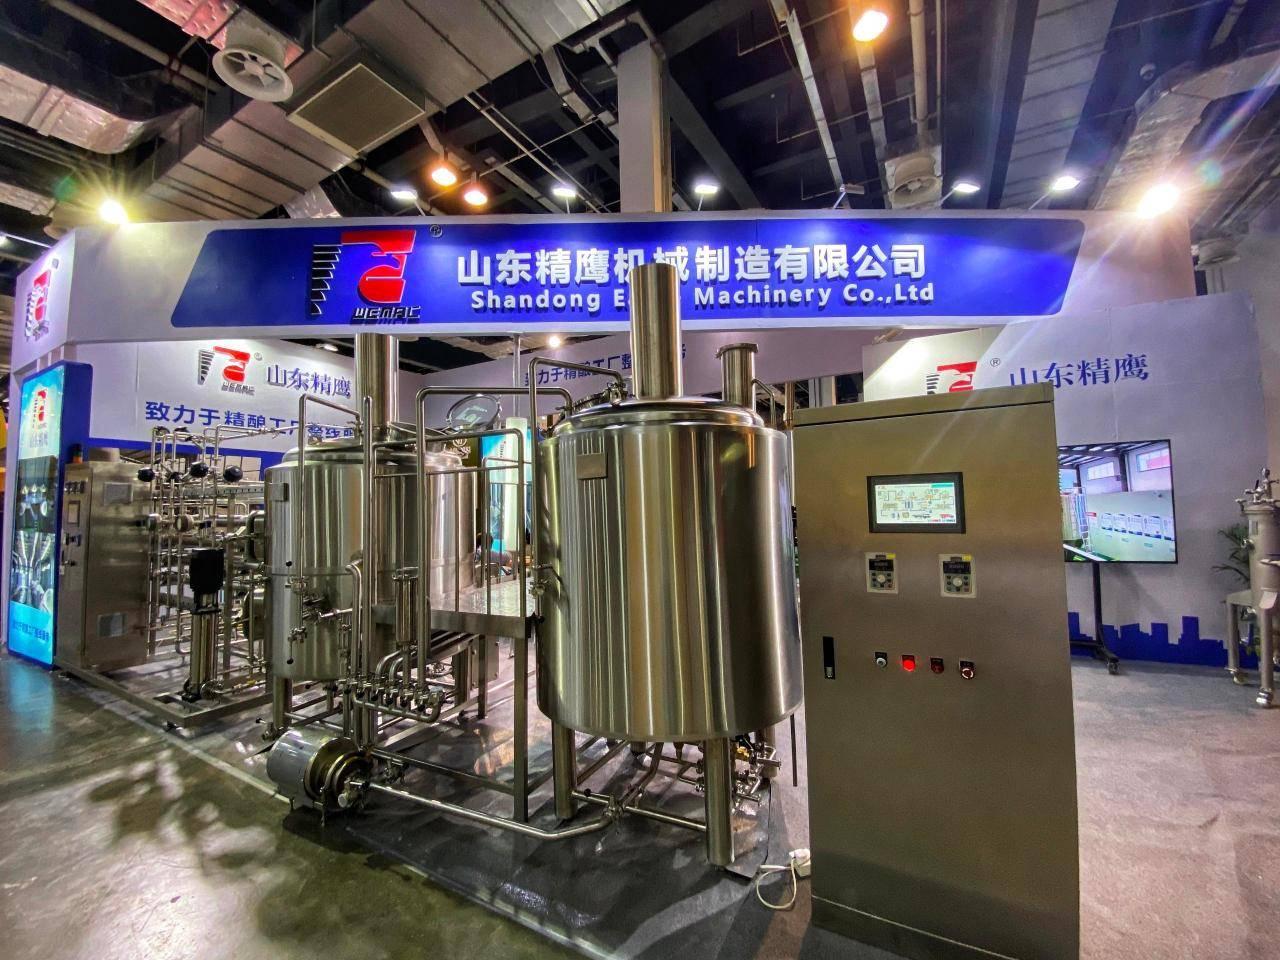 微型精酿啤酒设备哪个火-小型啤酒设备价格-大麦丫-精酿啤酒连锁超市,工厂店平价酒吧免费加盟